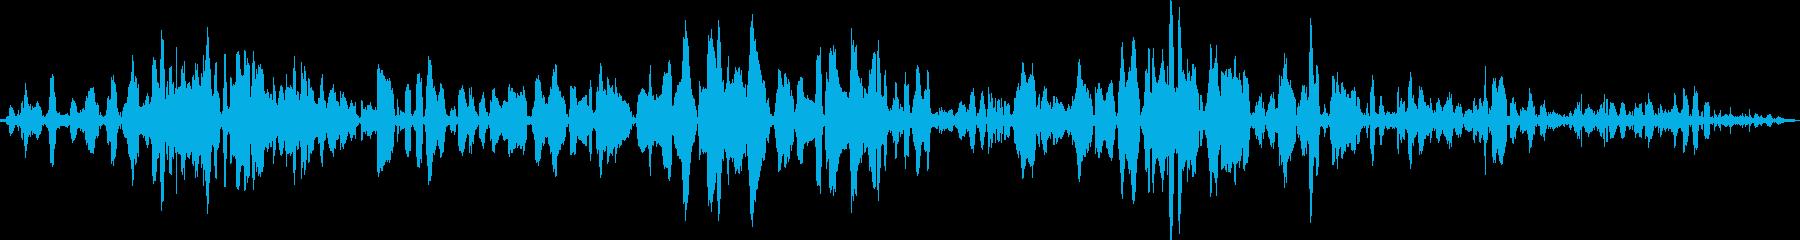 白鳥が鳴く音を収録したものです。の再生済みの波形